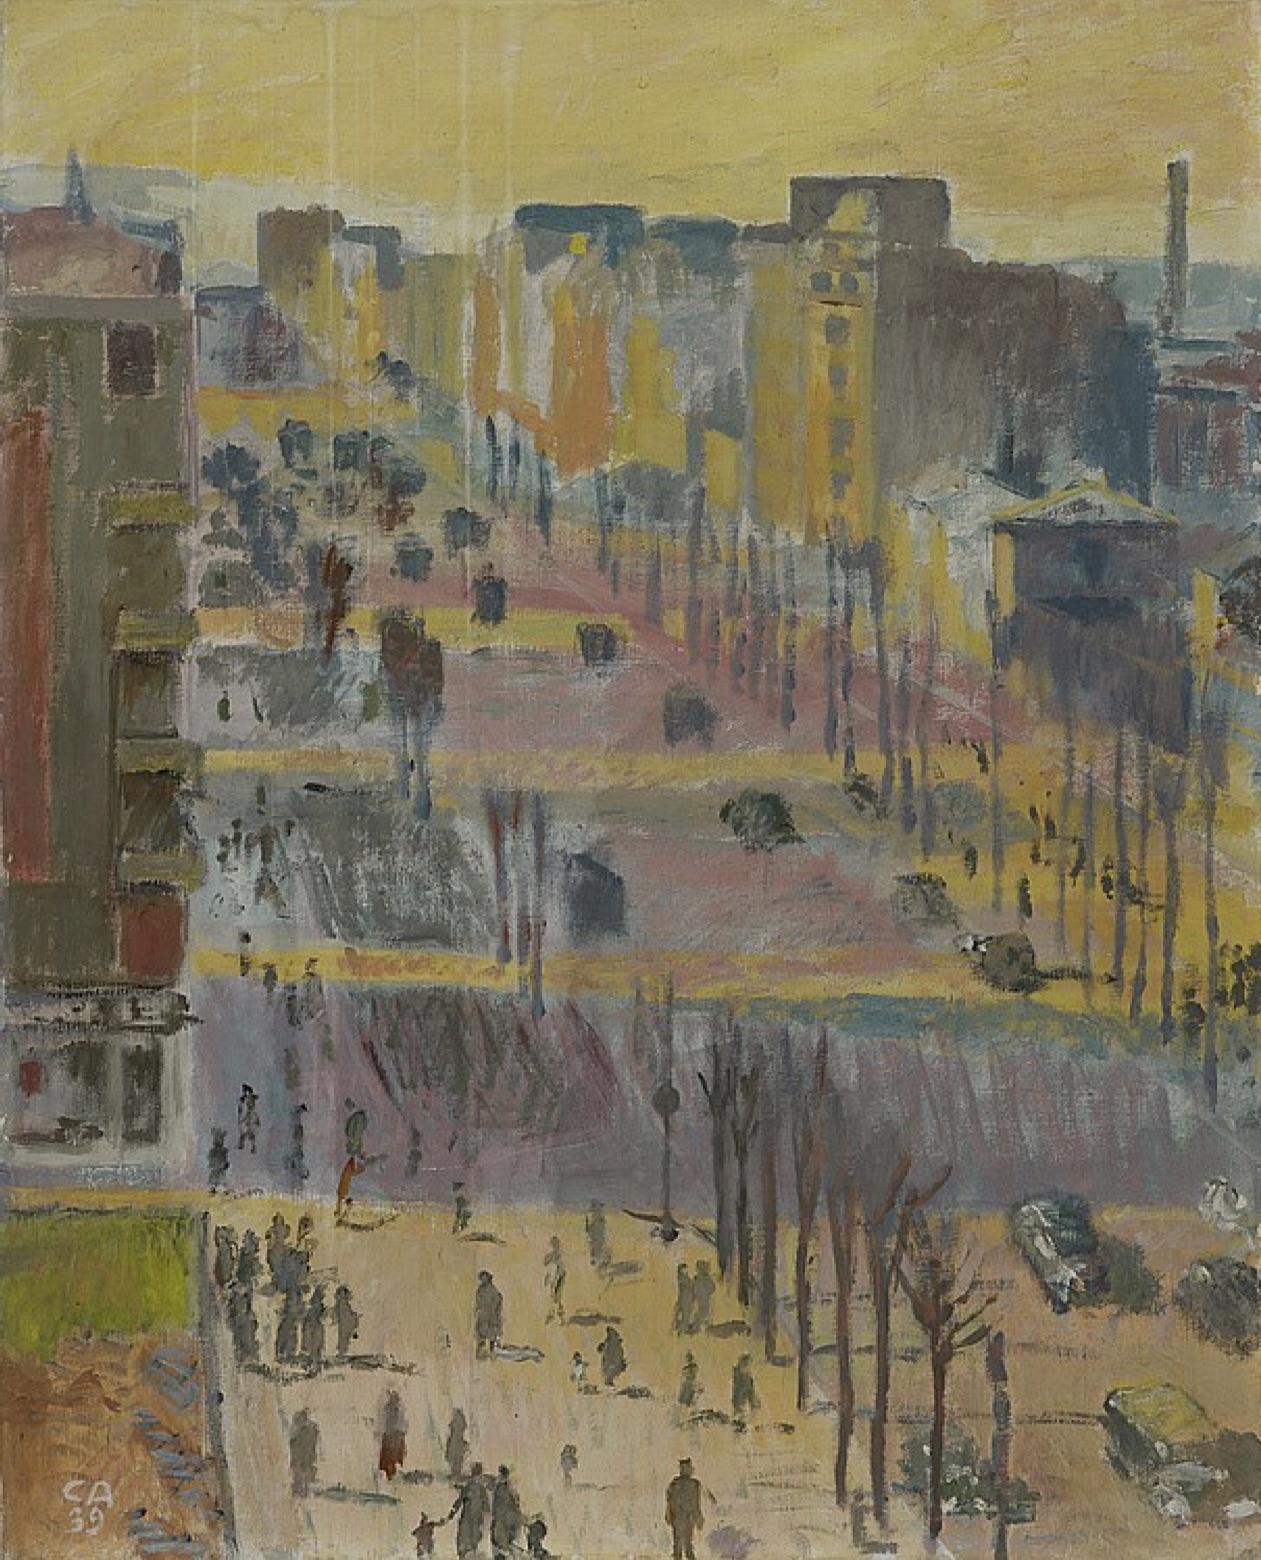 Cuno Amiet, Boulevard Brune, Paris, 1939 - ausgestellt in Stockholm, 1950